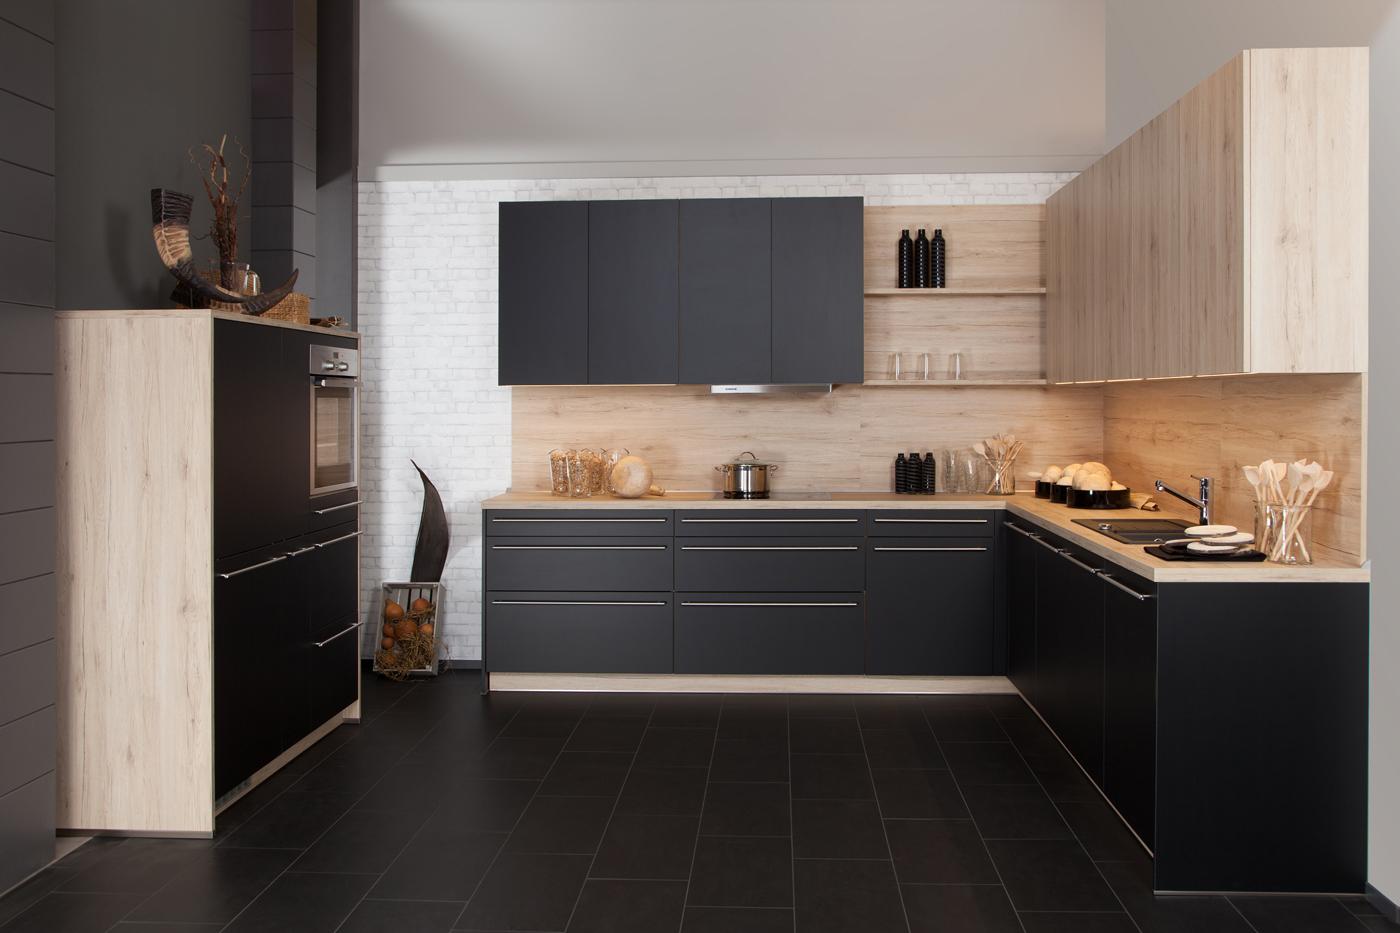 Wunderbar Artego Küchen Ideen Von Kuchen Modern G Form For G Hring